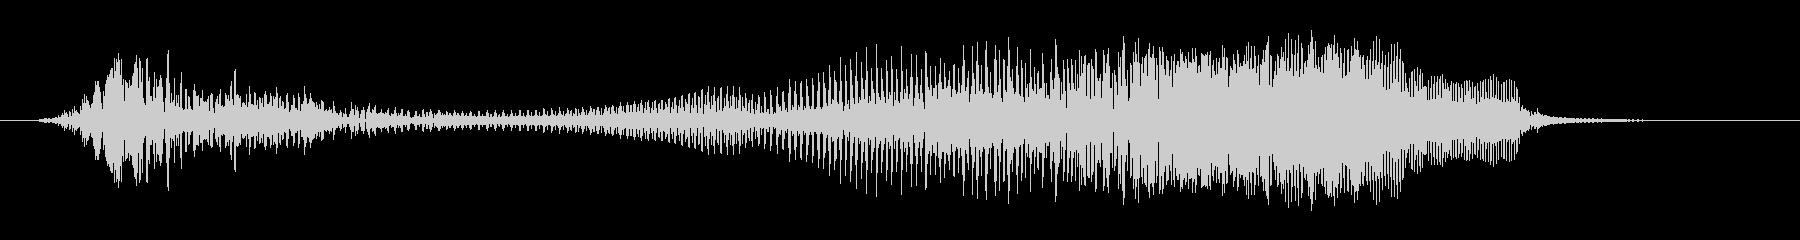 うおおっ!(Type-E)の未再生の波形